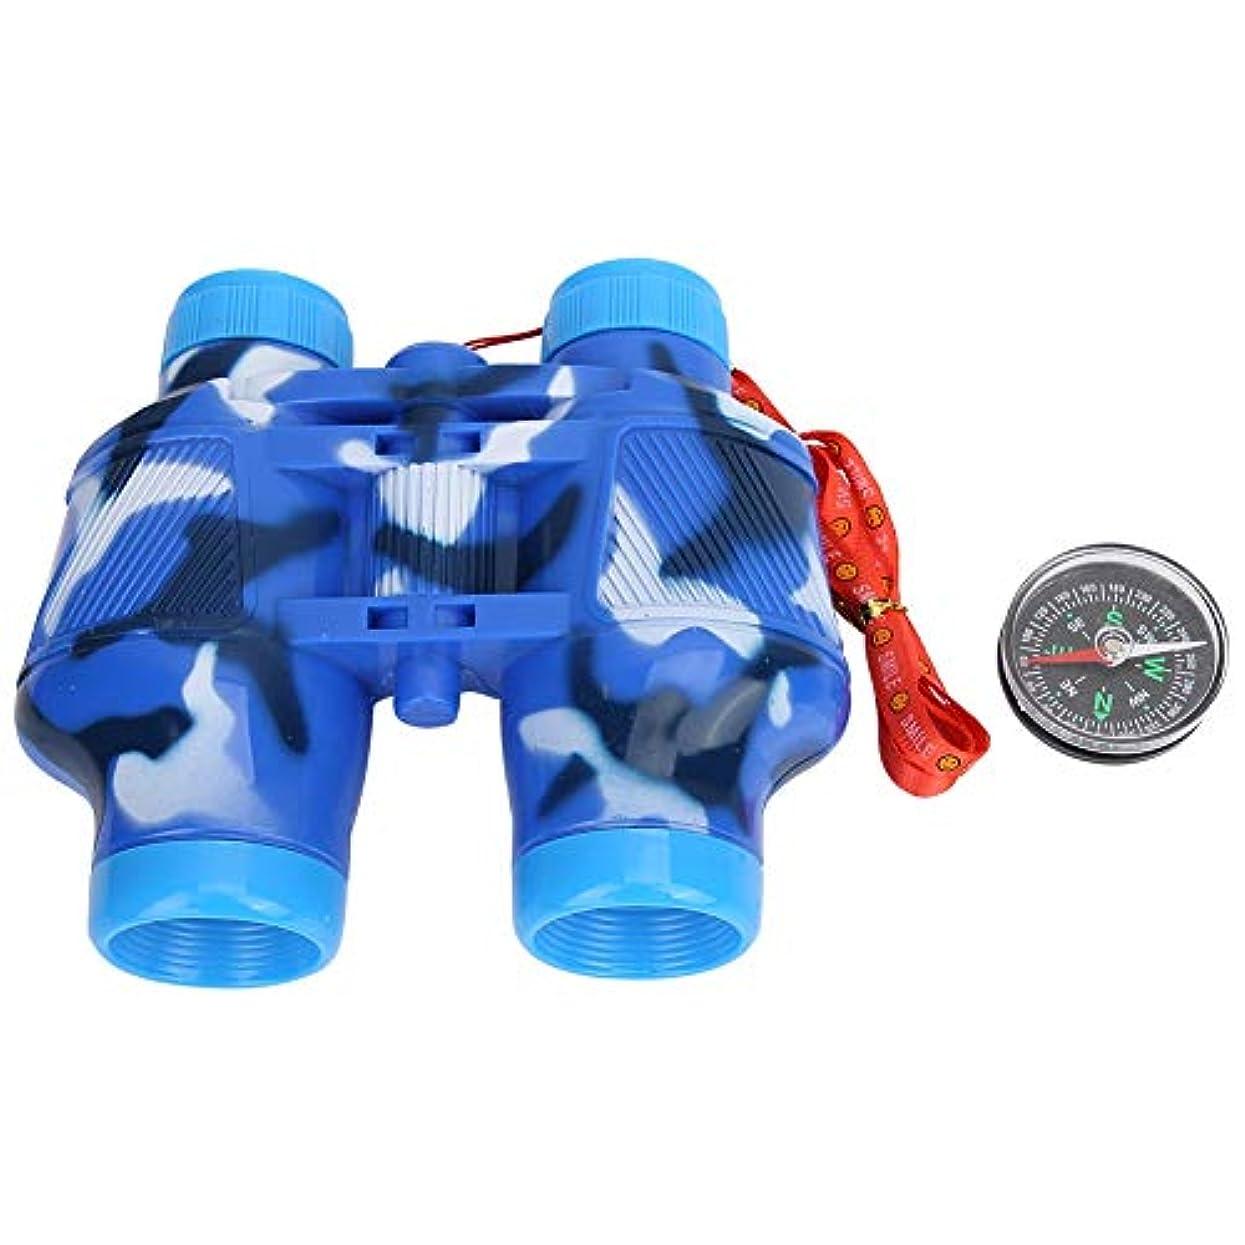 ぼろ中毒ラケット子供用 双眼鏡 望遠鏡おもちゃ コンパス 安全 持ち運び可能 スポーツ/観光/登山に適用 知育学習玩具 誕生日プレゼント ストラップ付き 2色